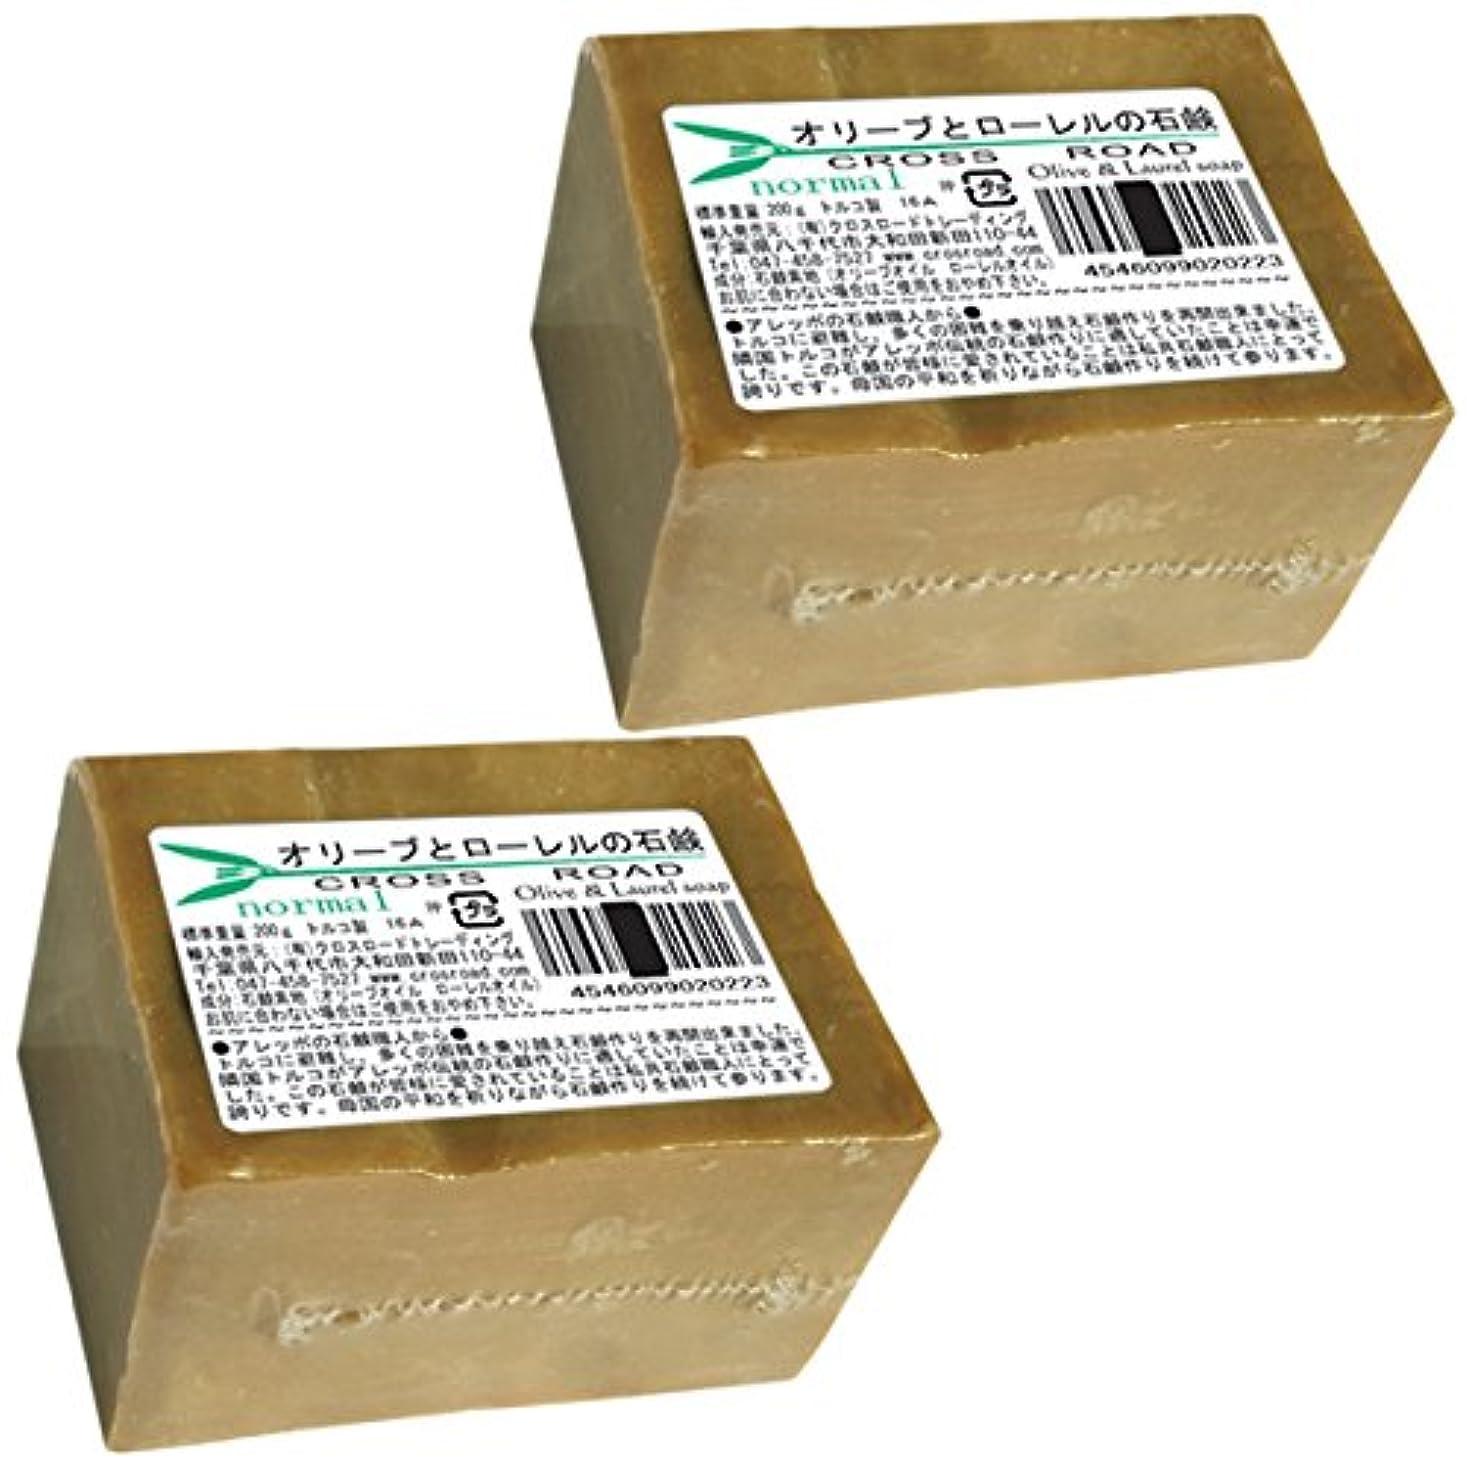 事前提出する市場オリーブとローレルの石鹸(ノーマル)2個セット[並行輸入品]